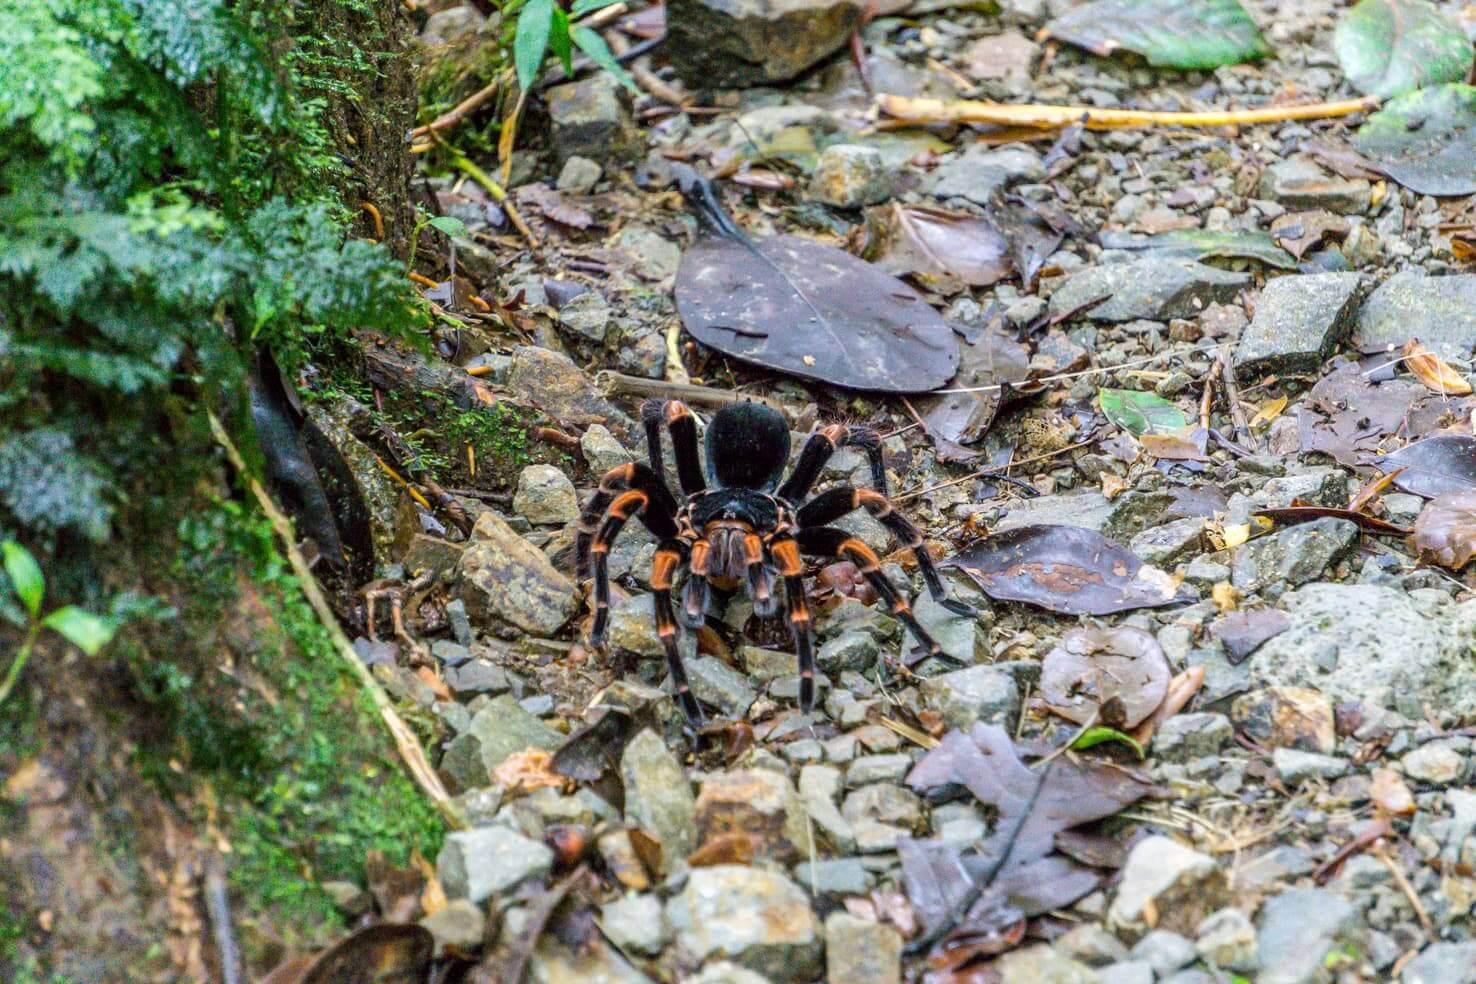 10 days in Costa Rica - tarantula in Monteverde Cloud Forest Reserve